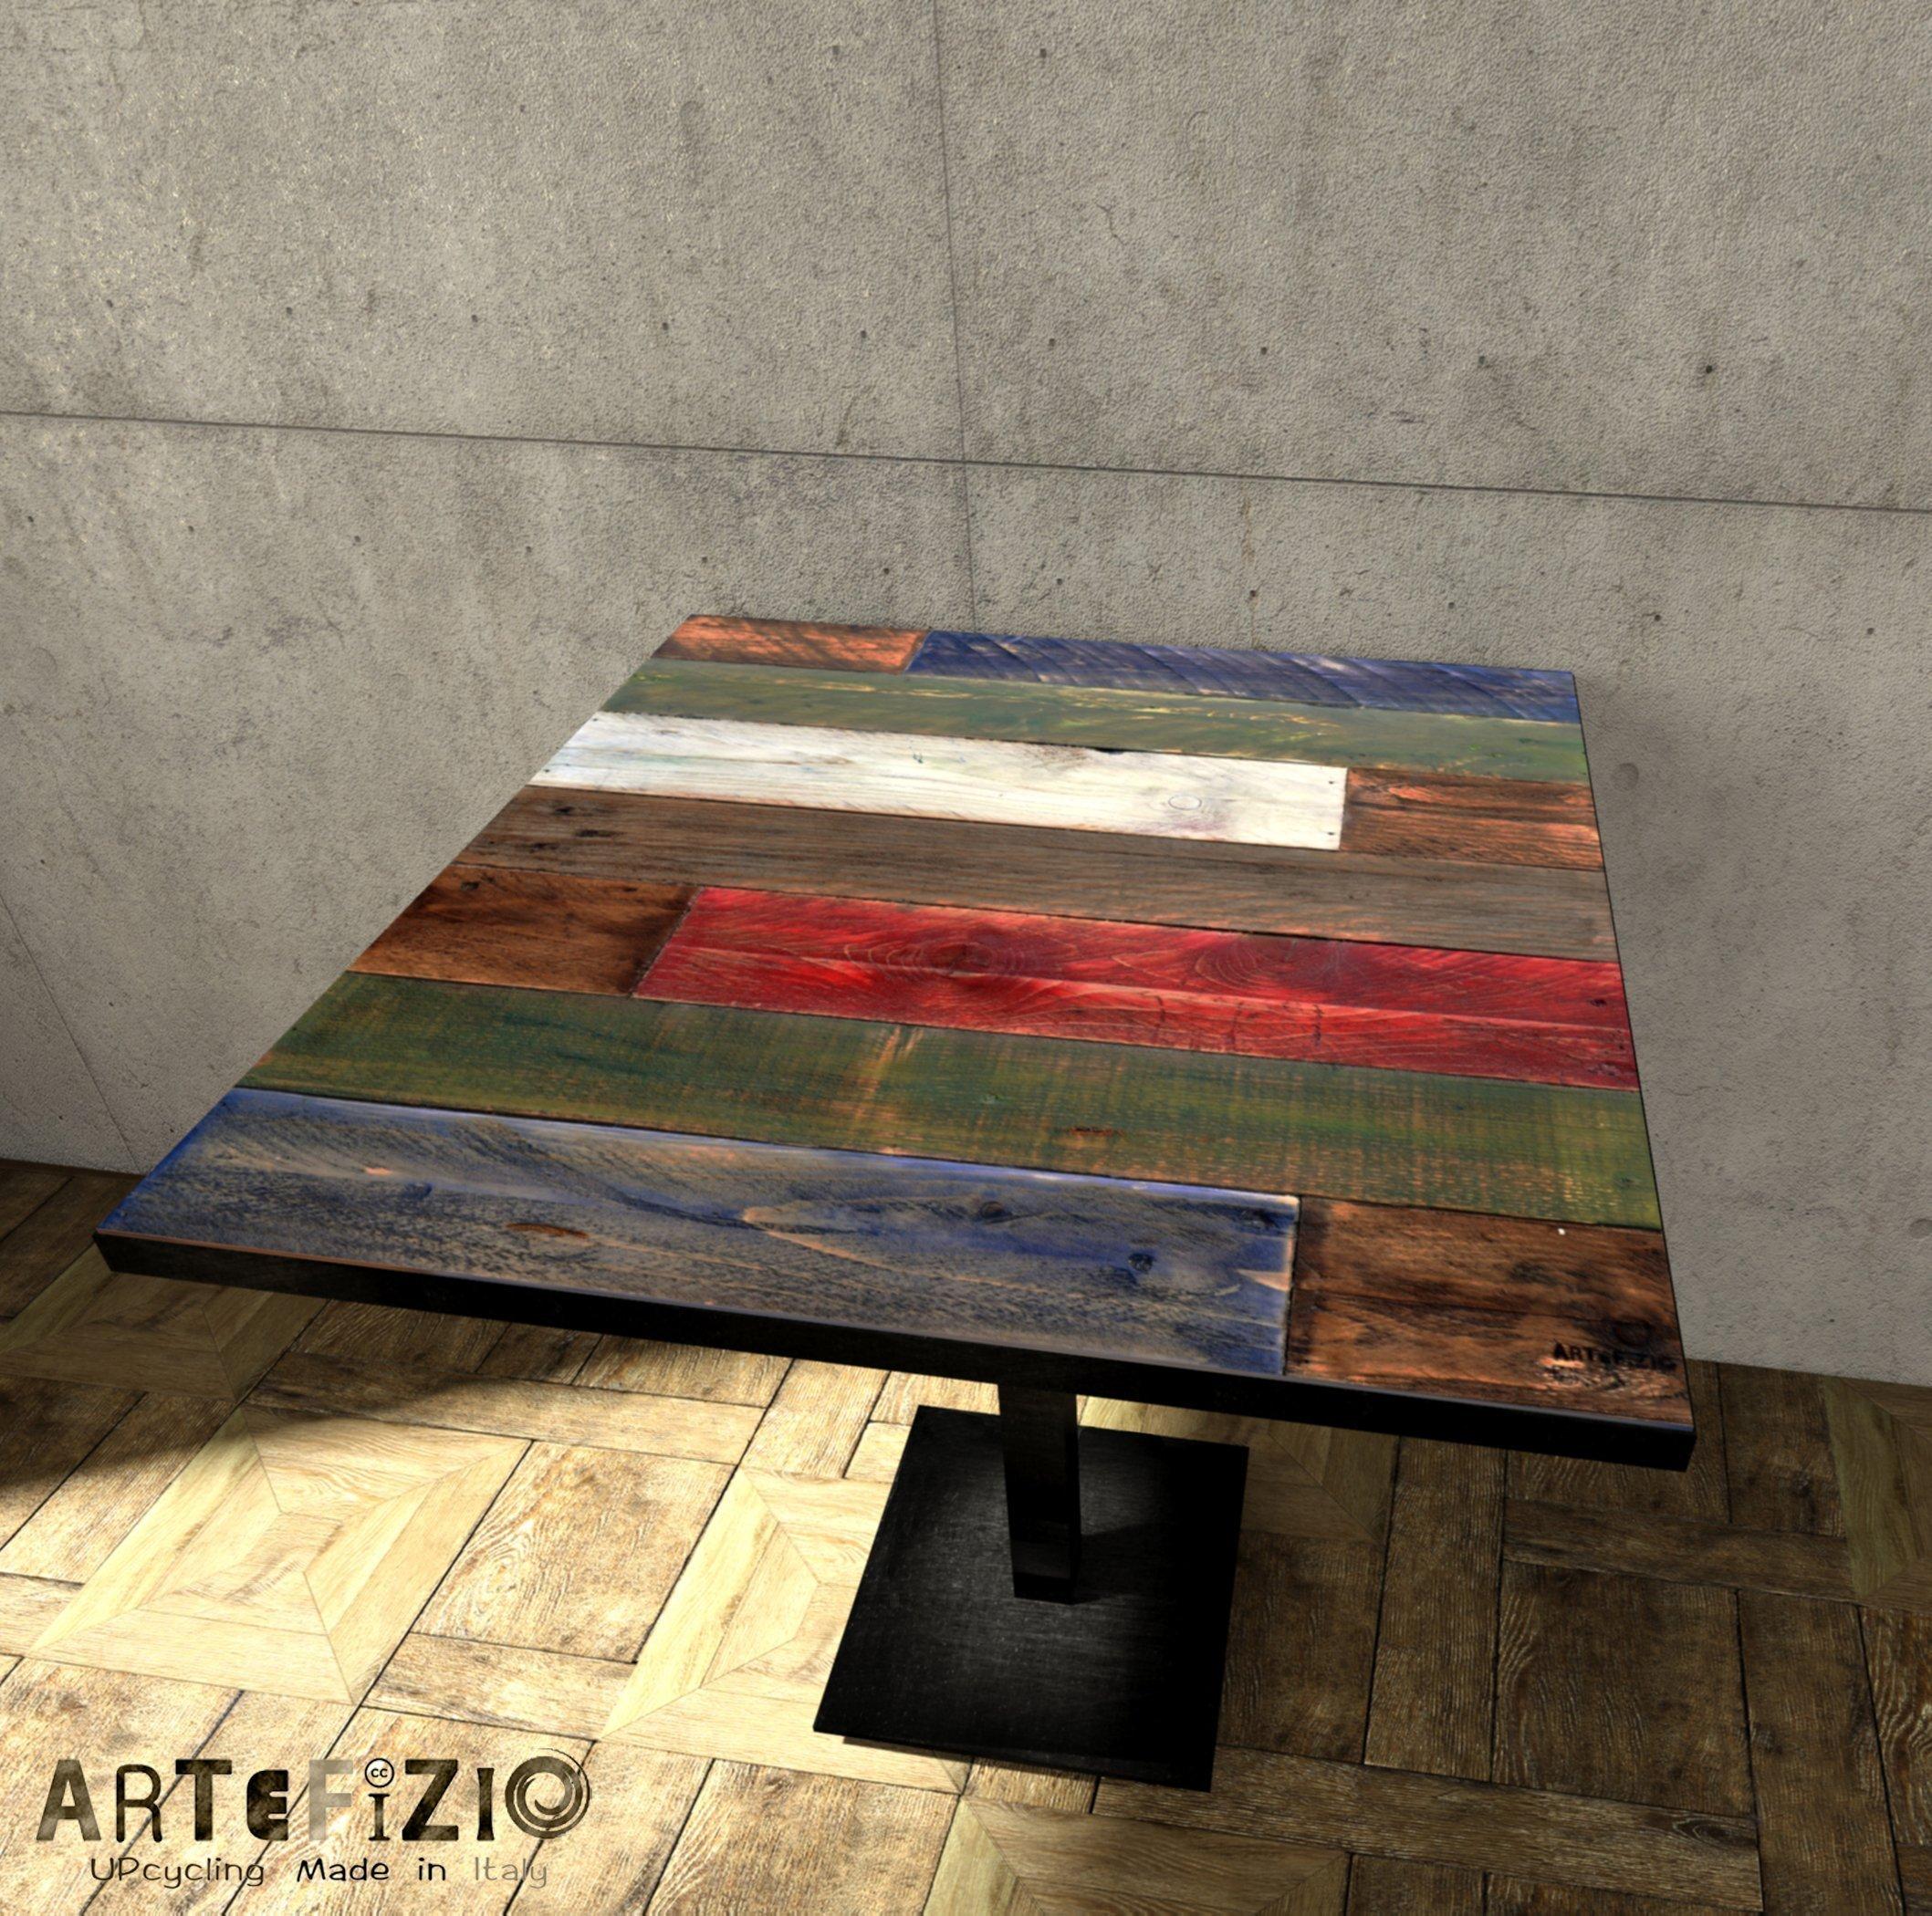 Tavolo colorato realizzato con pedane in legno.